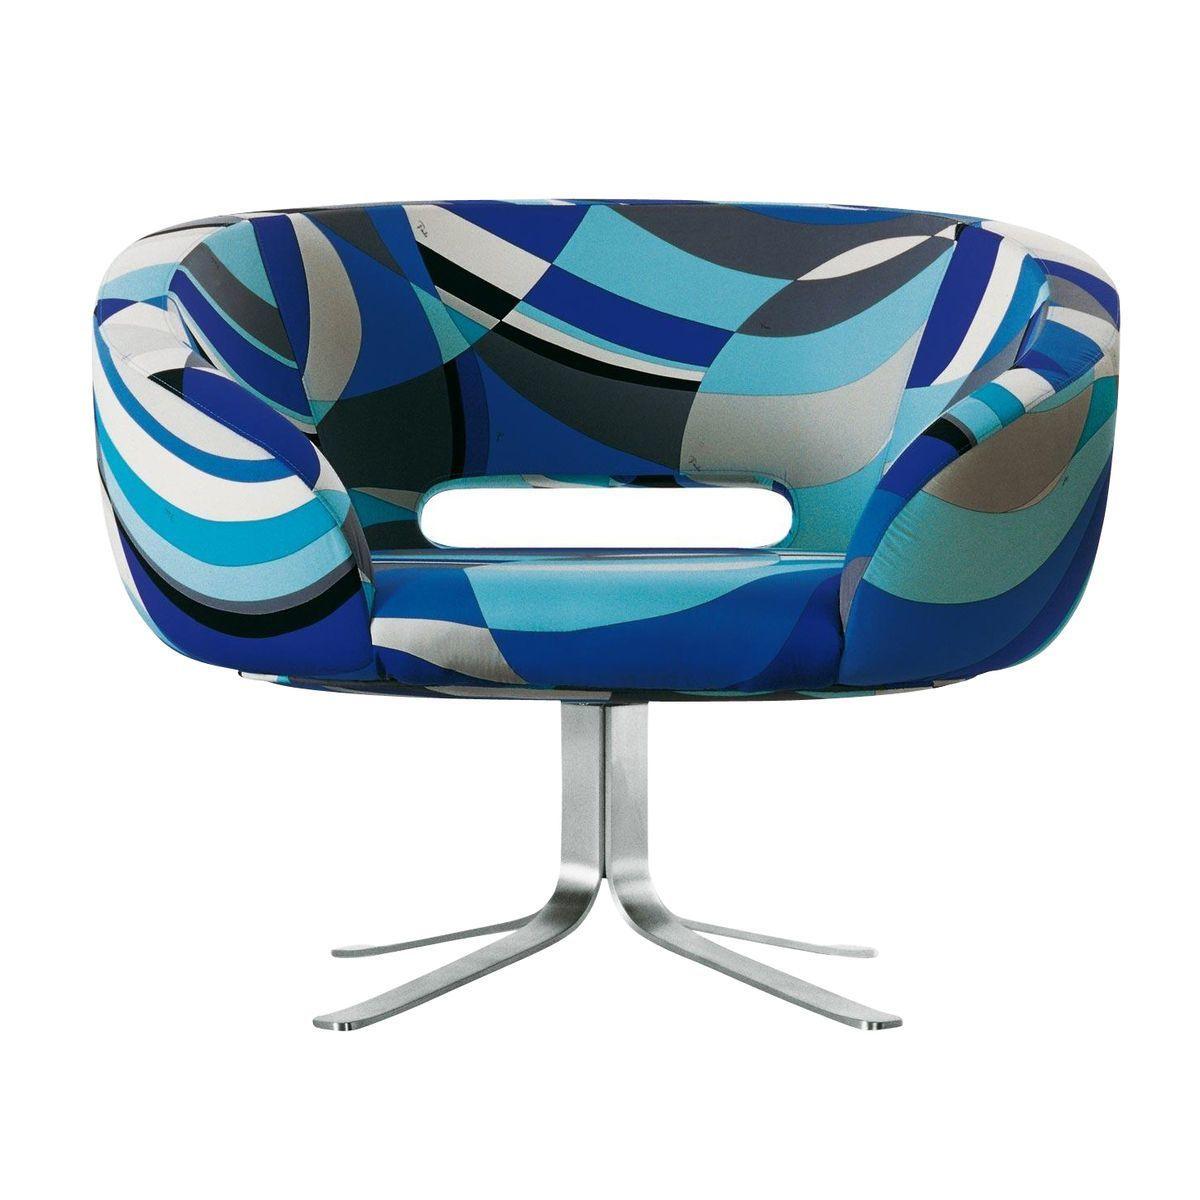 Delightful Cappellini   Rive Droite Armchair   Blue/100% Cotton Pucci L02